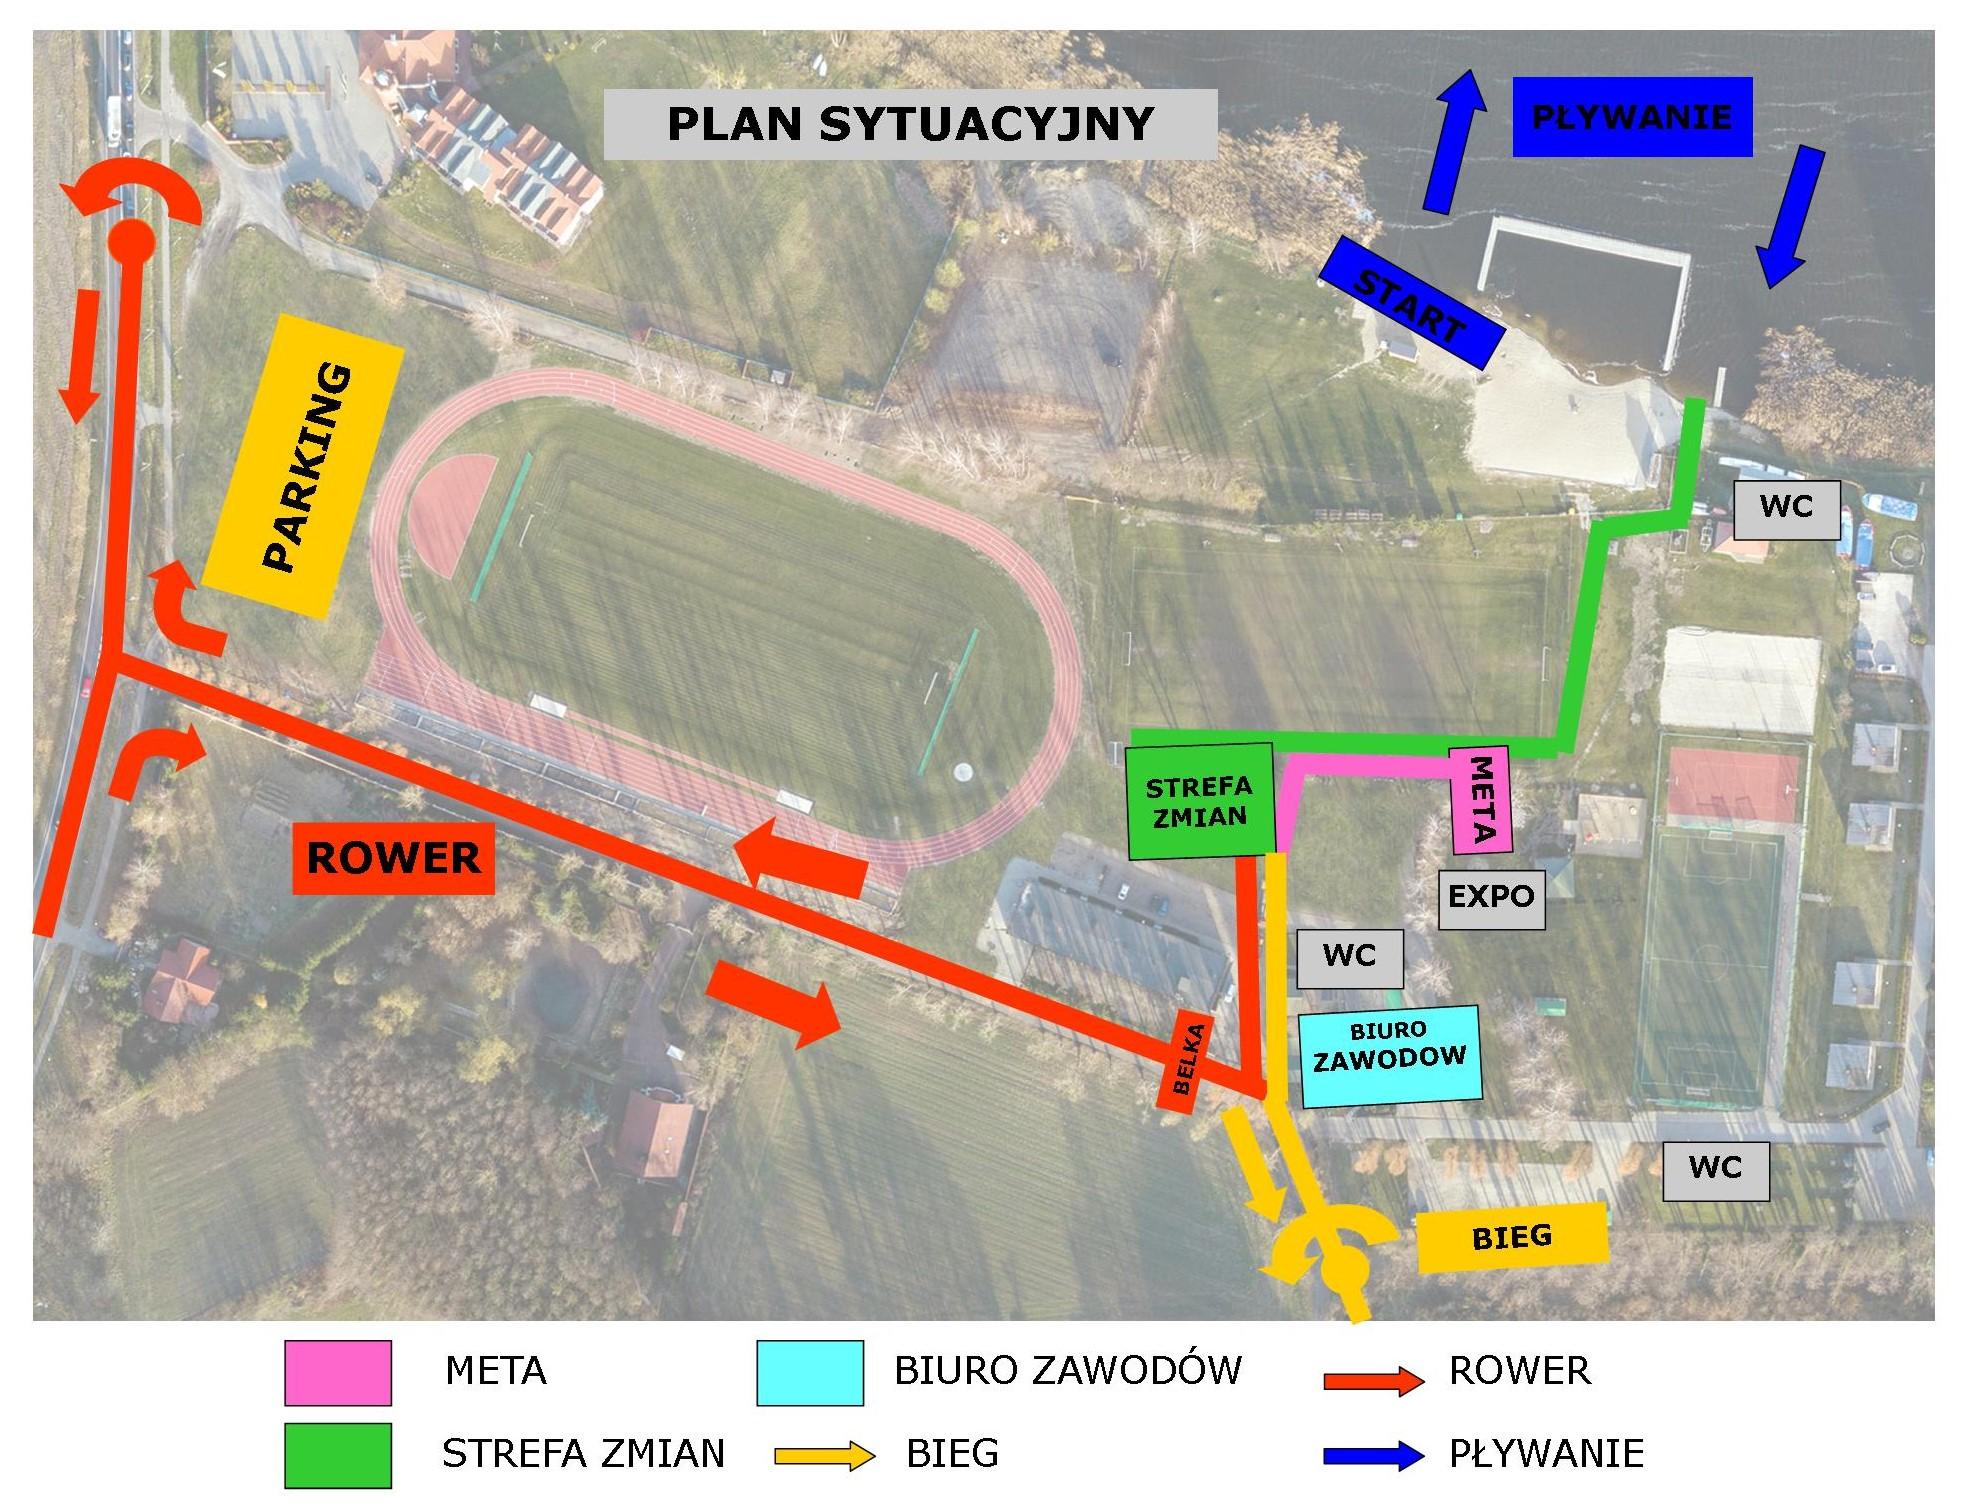 Plan sytuacyjny Oaza Błonie Kórnik 2020